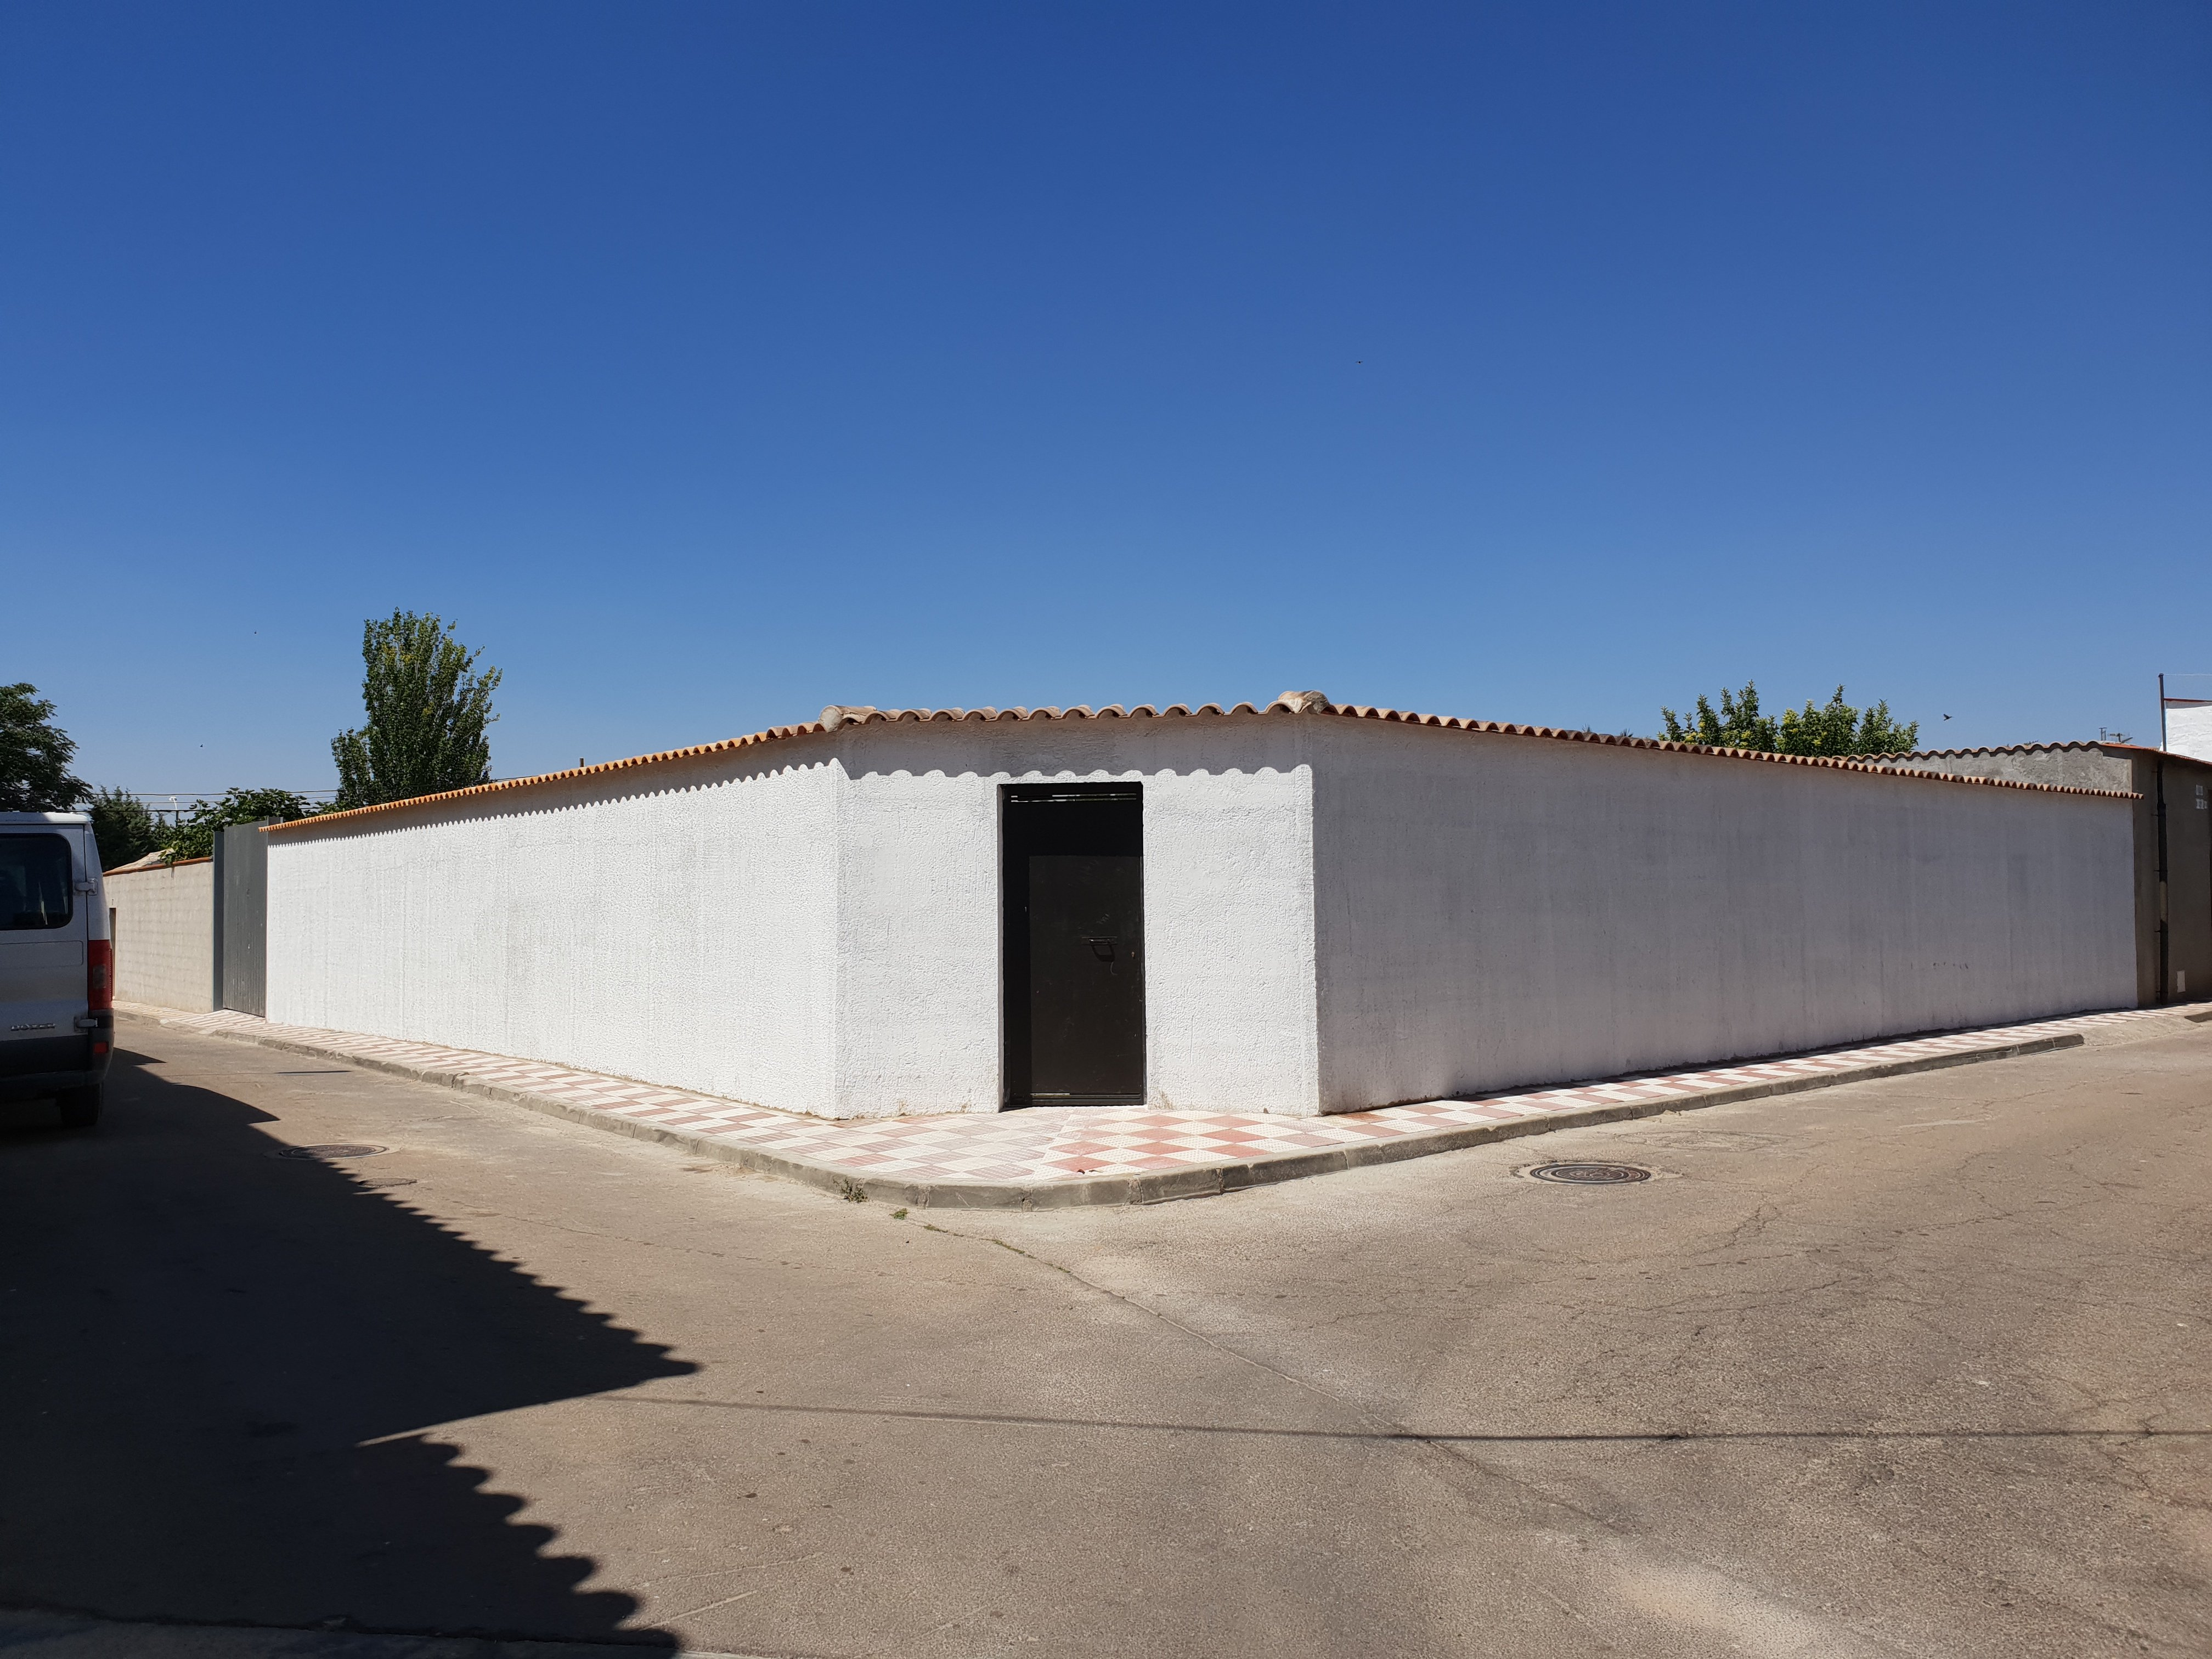 Venta de parcela en suelo urbano de 300 m2 en Arenas de San Juan (Ciudad Real)